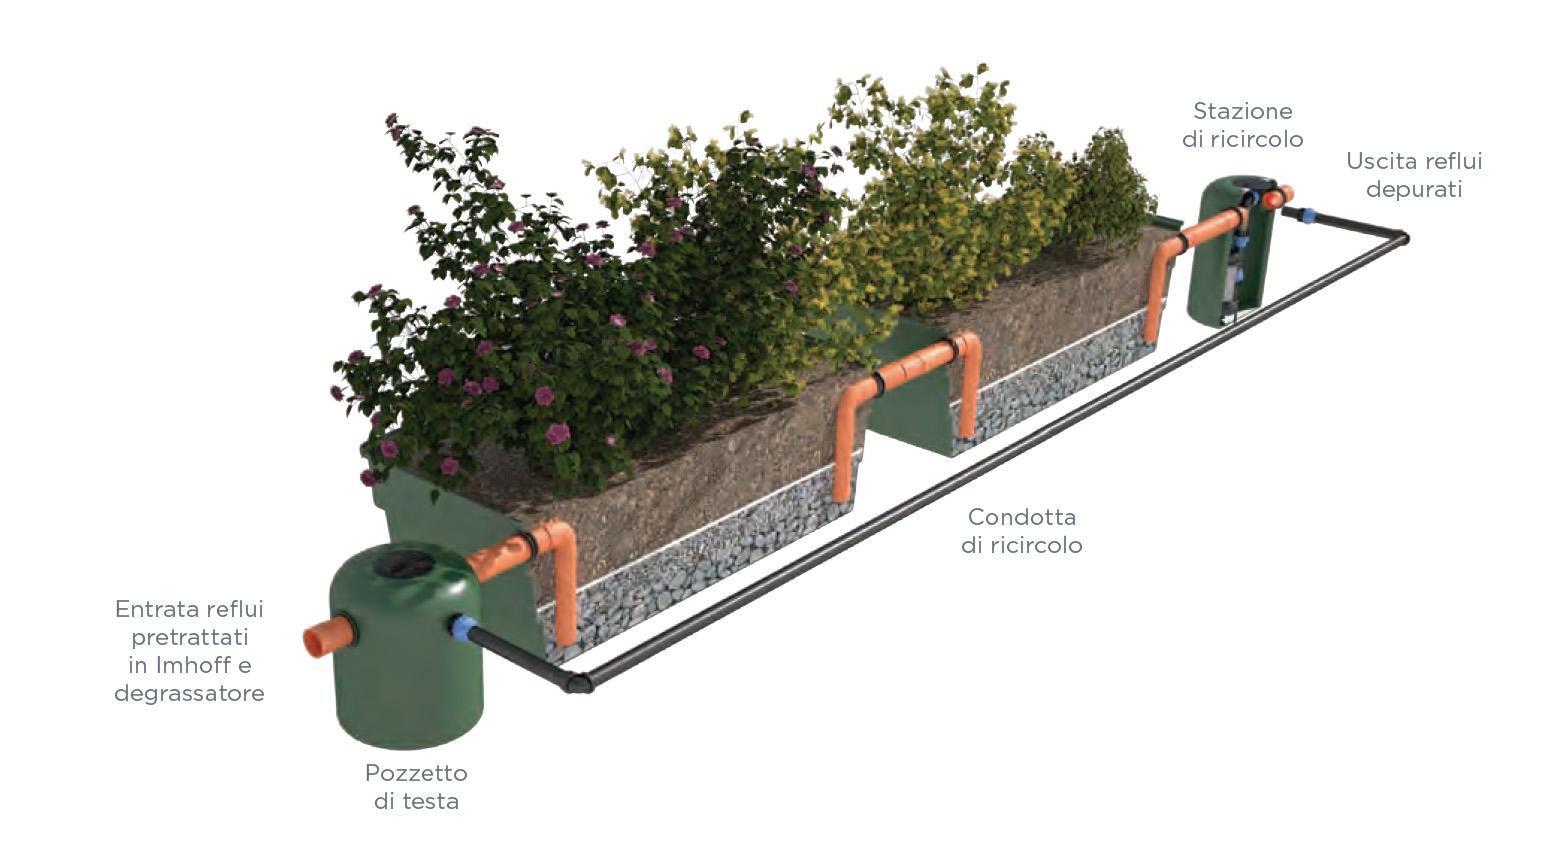 Impianto di fitodepurazione stam ecologia for Schema scarico acque reflue domestiche